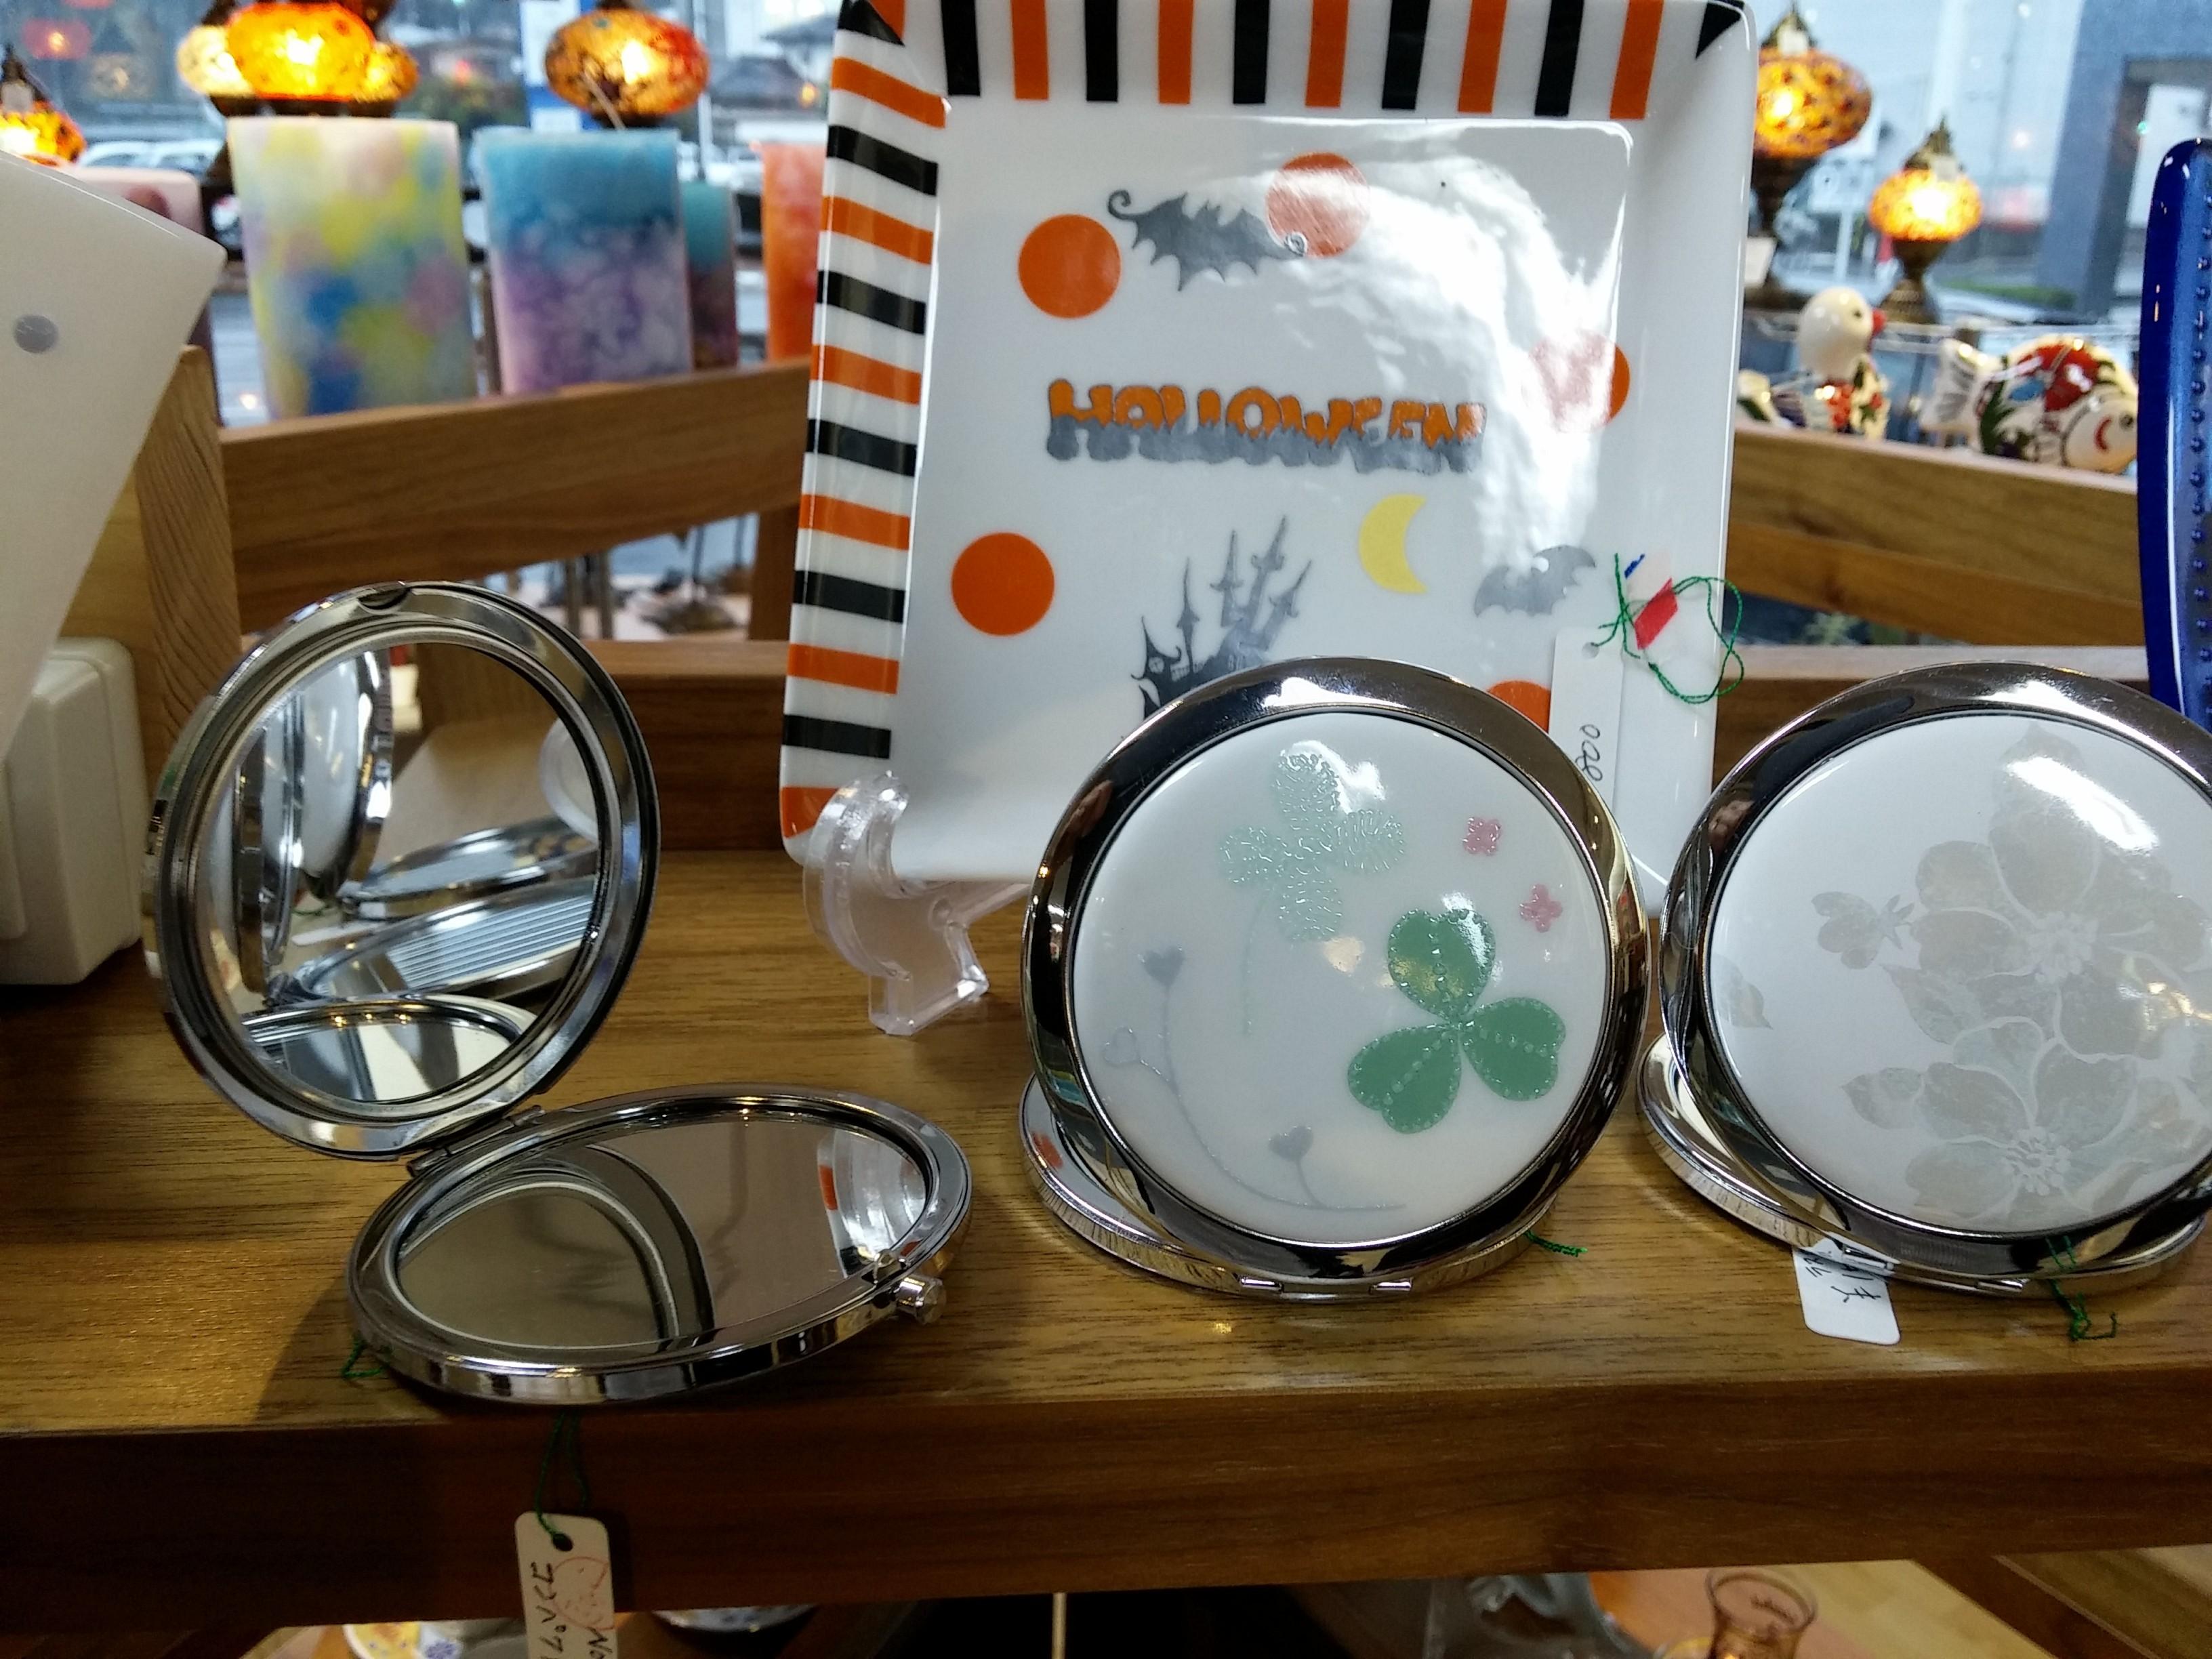 コンパクトミラーやハロウィンのお皿